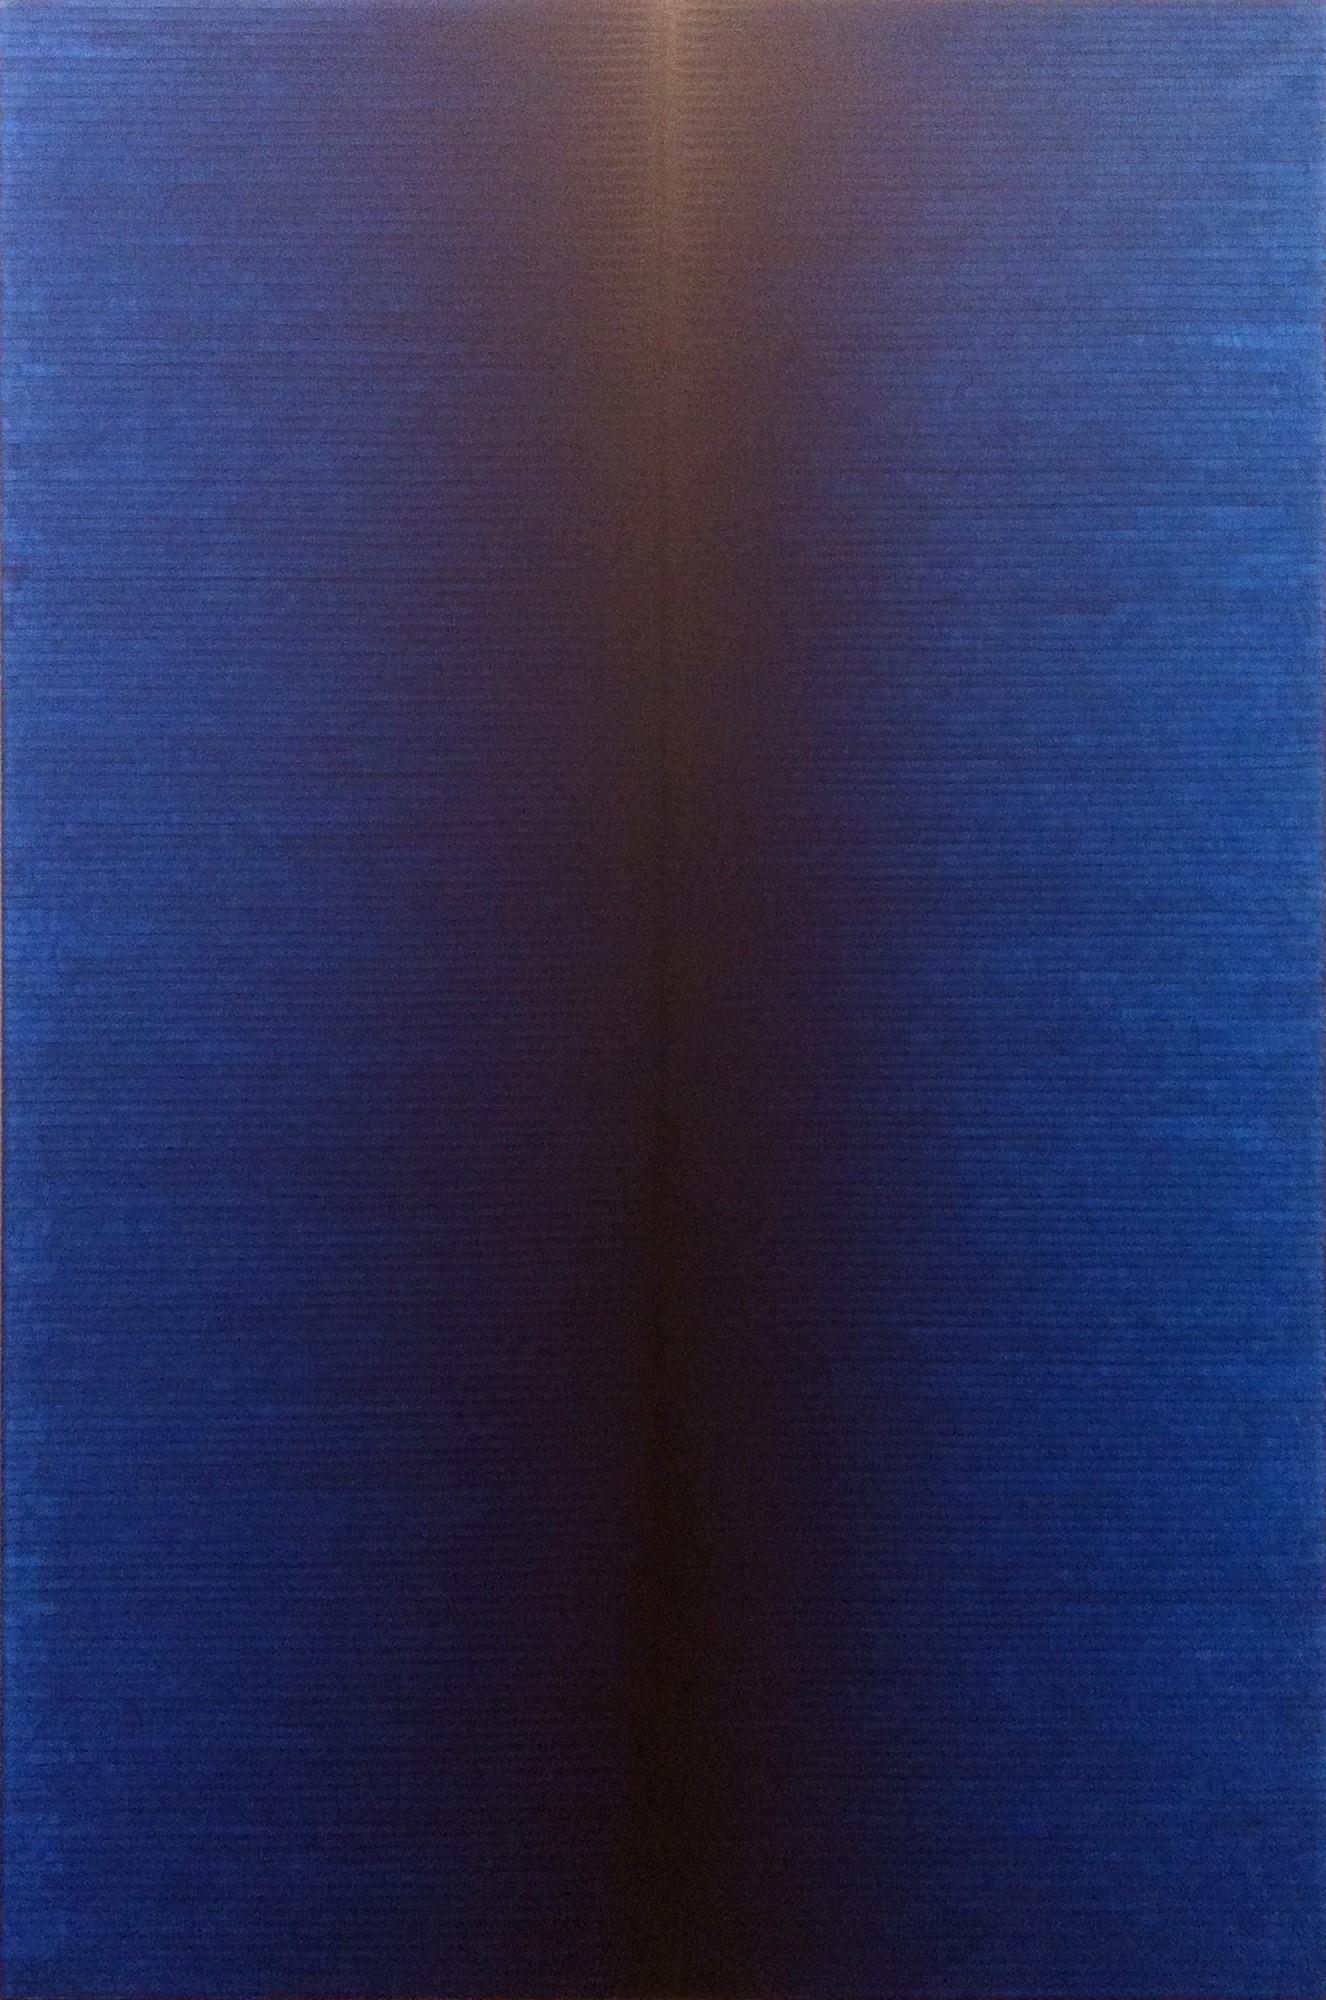 """Irma Blank, """"Radical Writings, Poème quotidien VII, 3-2-1994"""", 1994, Kolekcja Grażyny Kulczyk (źródło: materiały prasowe organizatora wystawy)"""